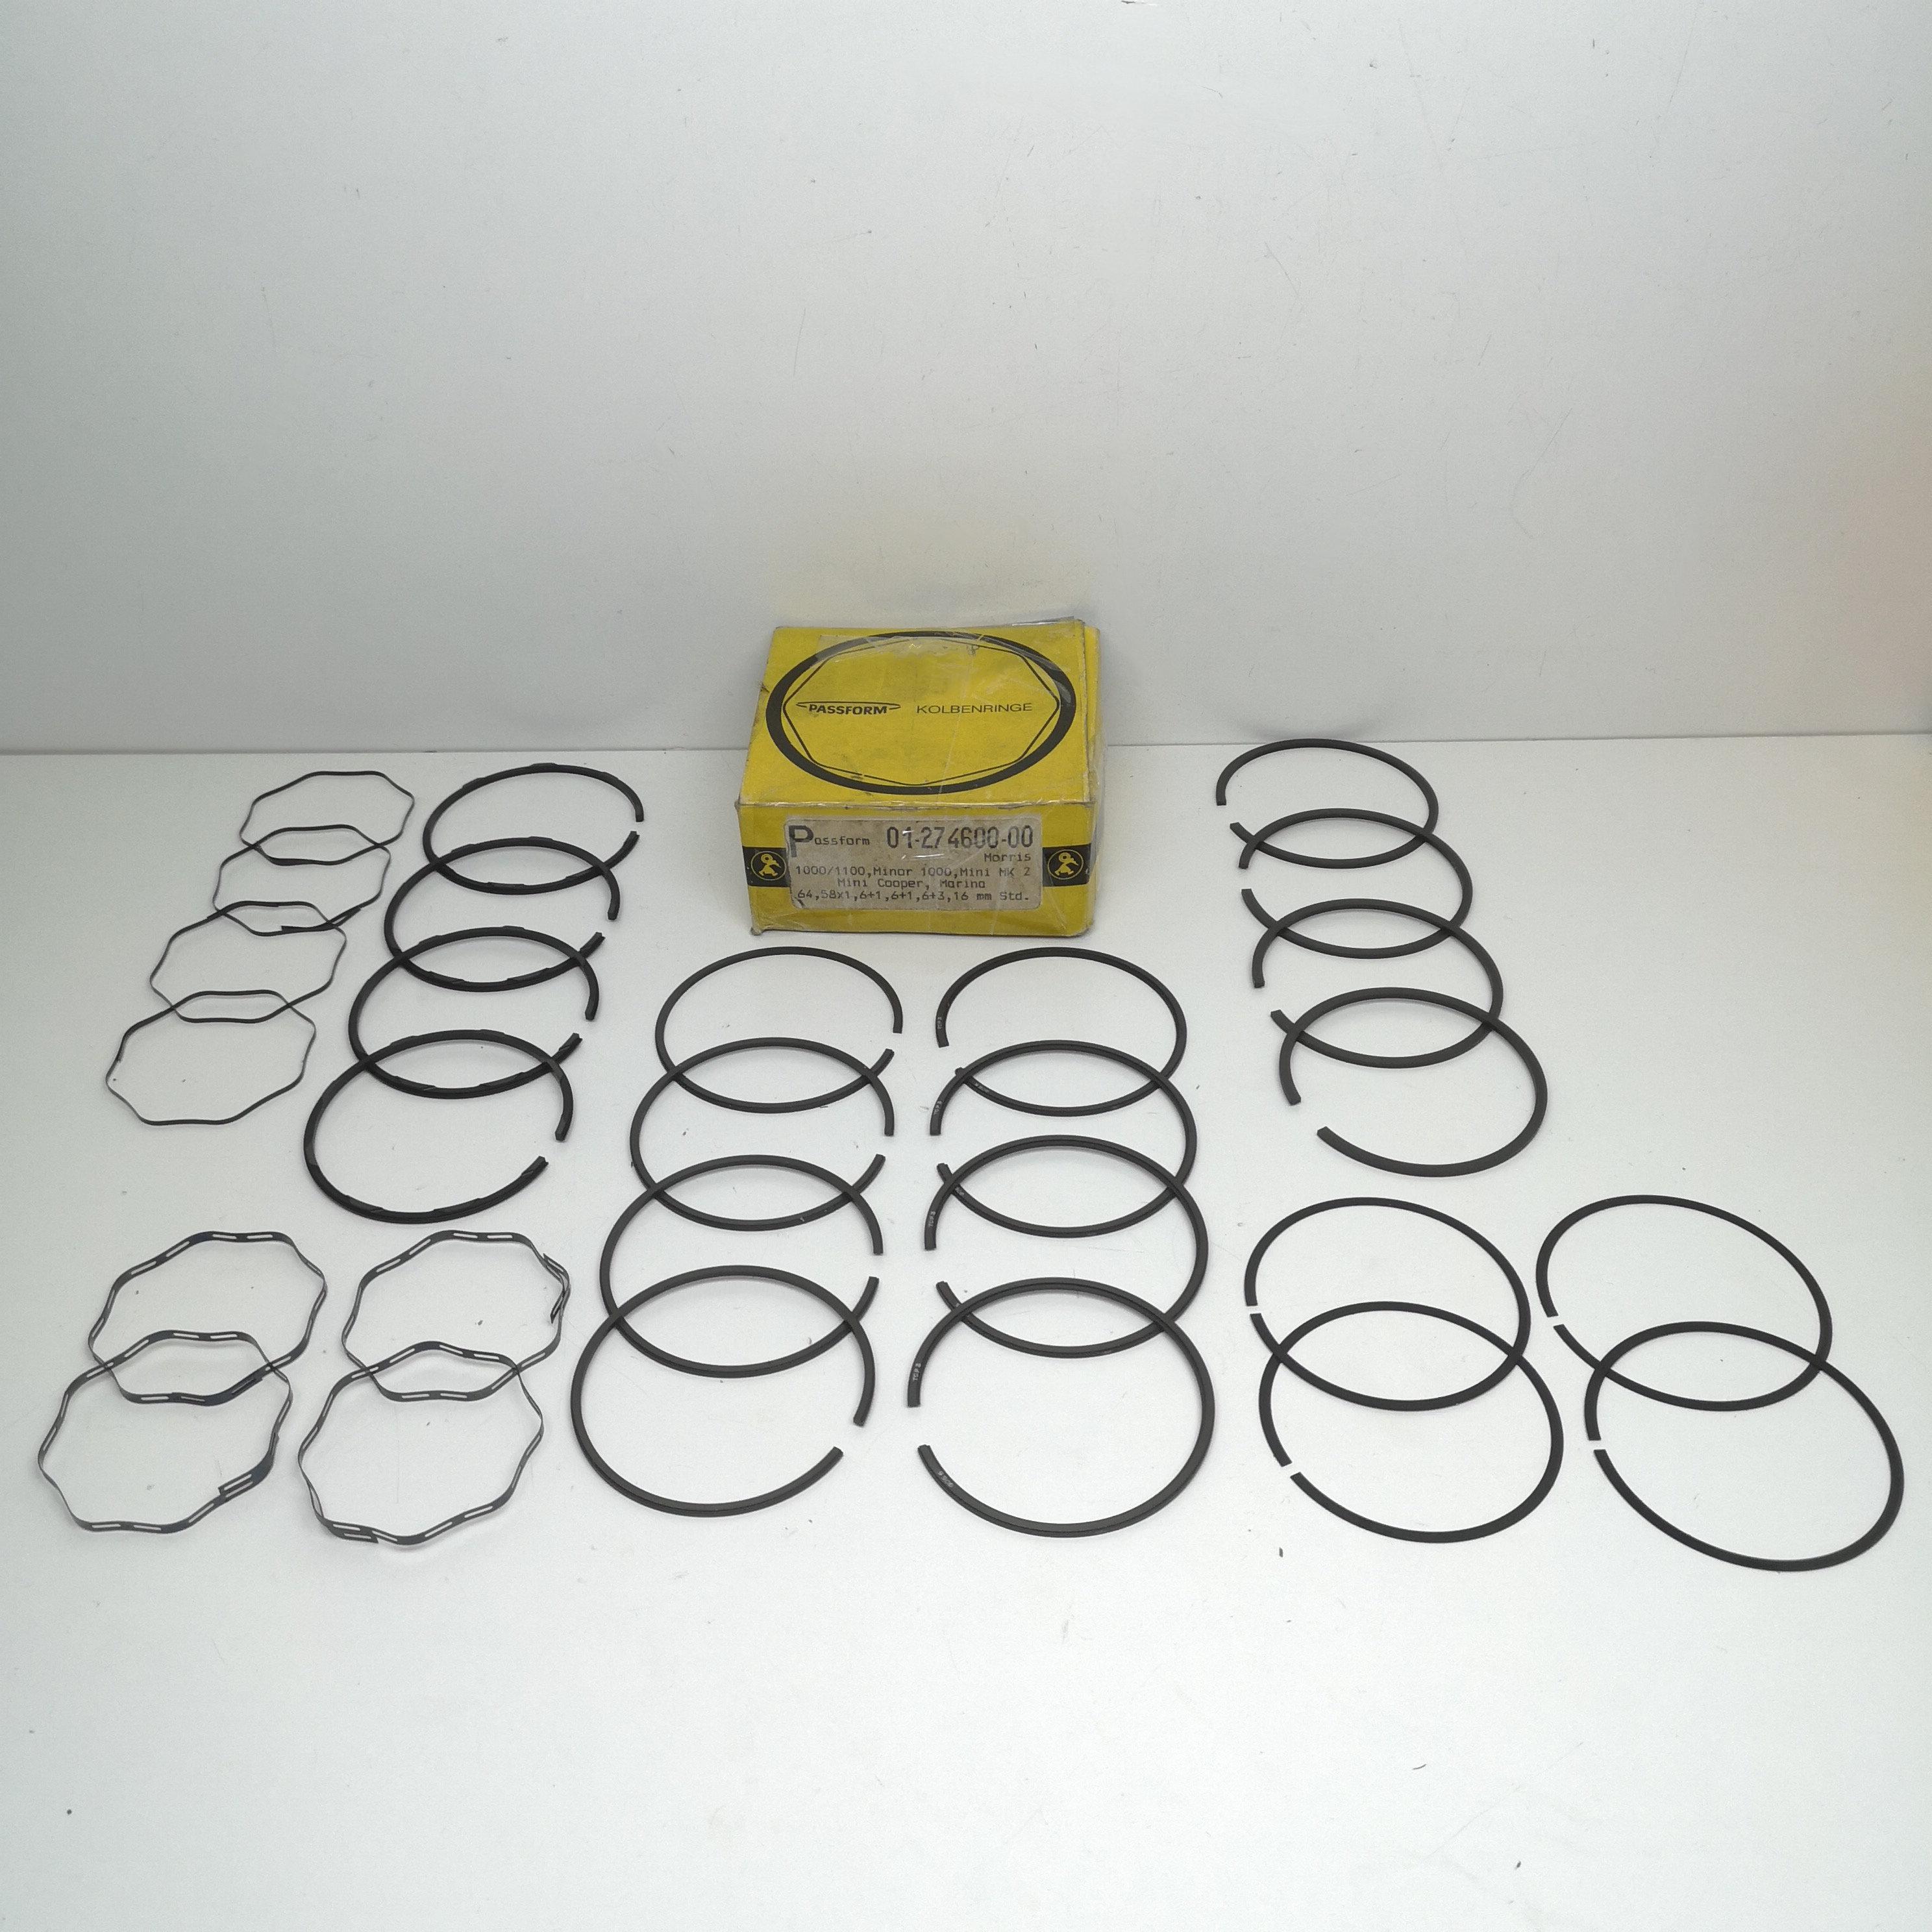 Diam 105 02311000 Serie fasce segmenti elastici X 4 pistoni OM Tigrotto P